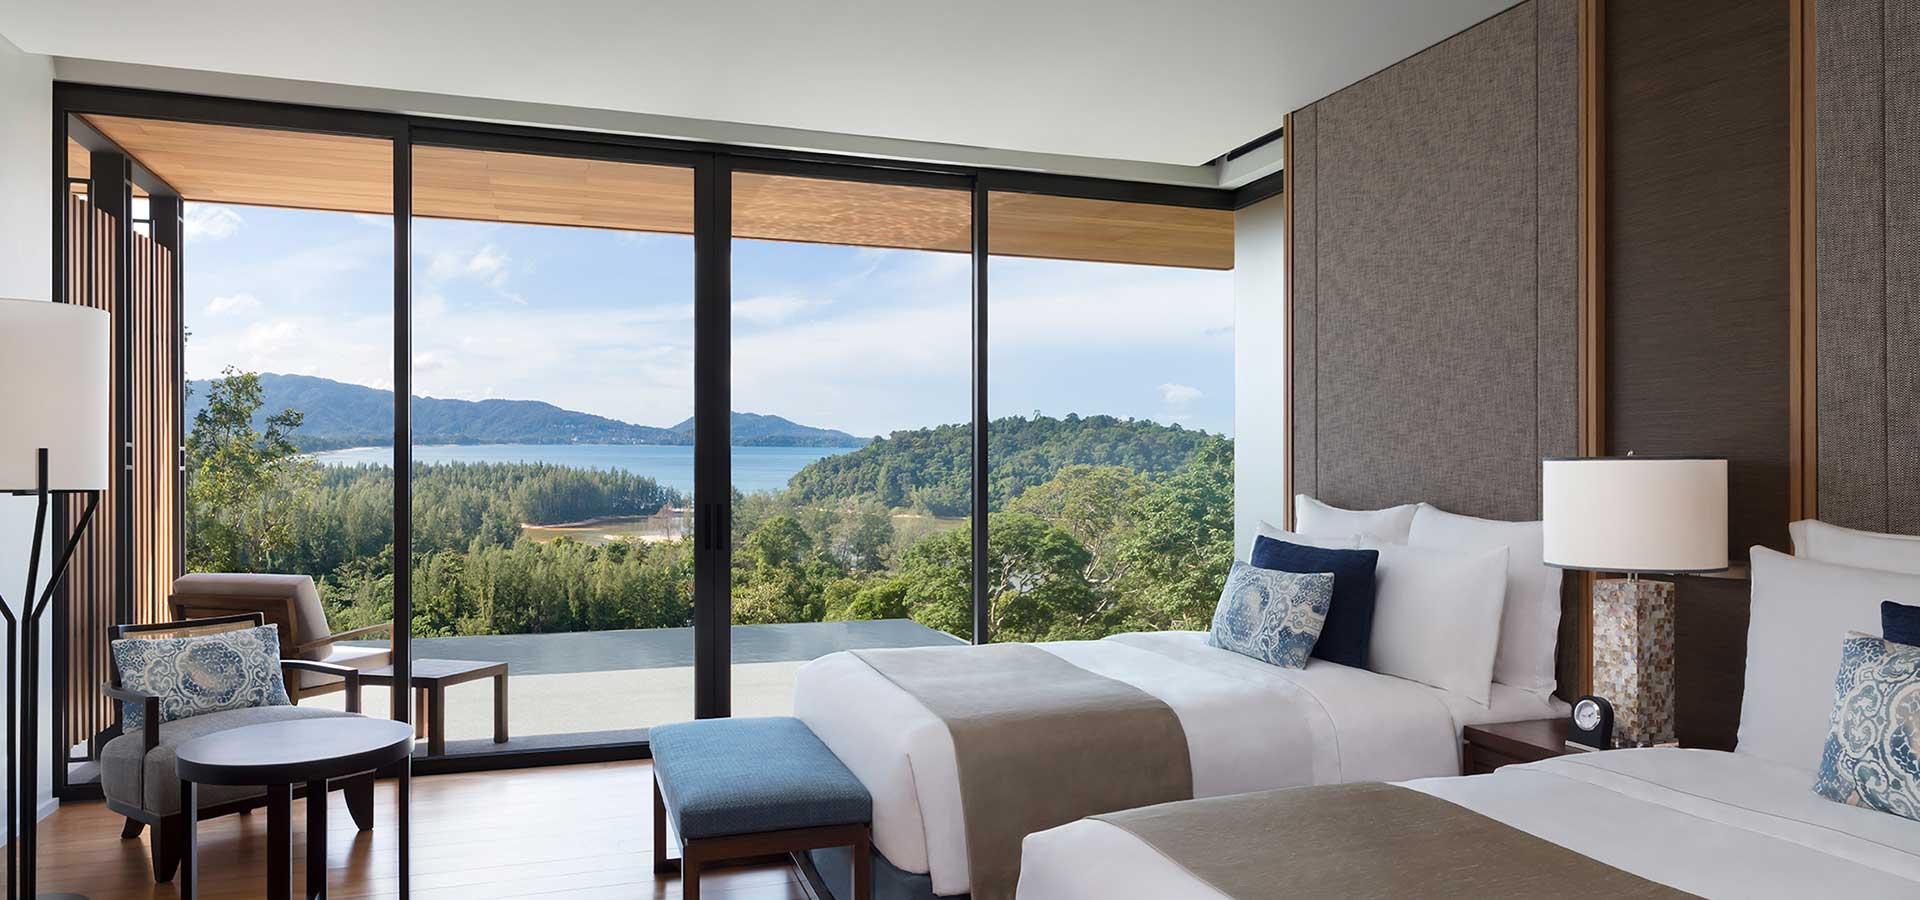 www.phuketrealestateagency.com – Avadina Hills Phuket (24)